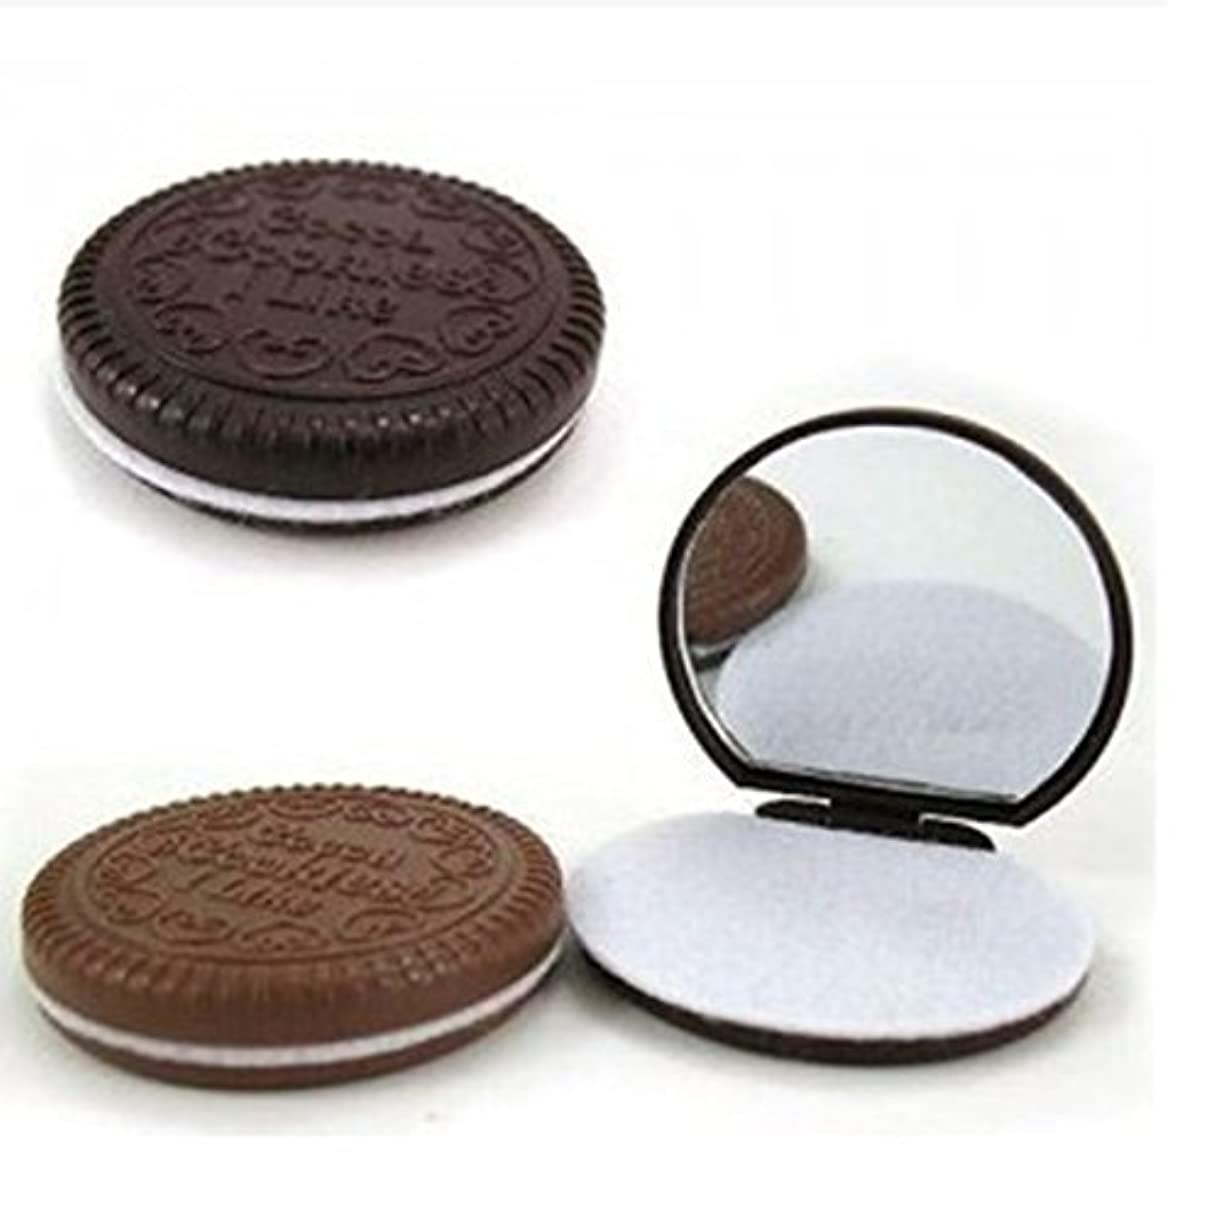 スタジアムオペラ楽しい3 Pcs Cute Chocolate Makeup Mirror With Comb Women Hand Pocket Compact Makeup Tools Great Gift [並行輸入品]